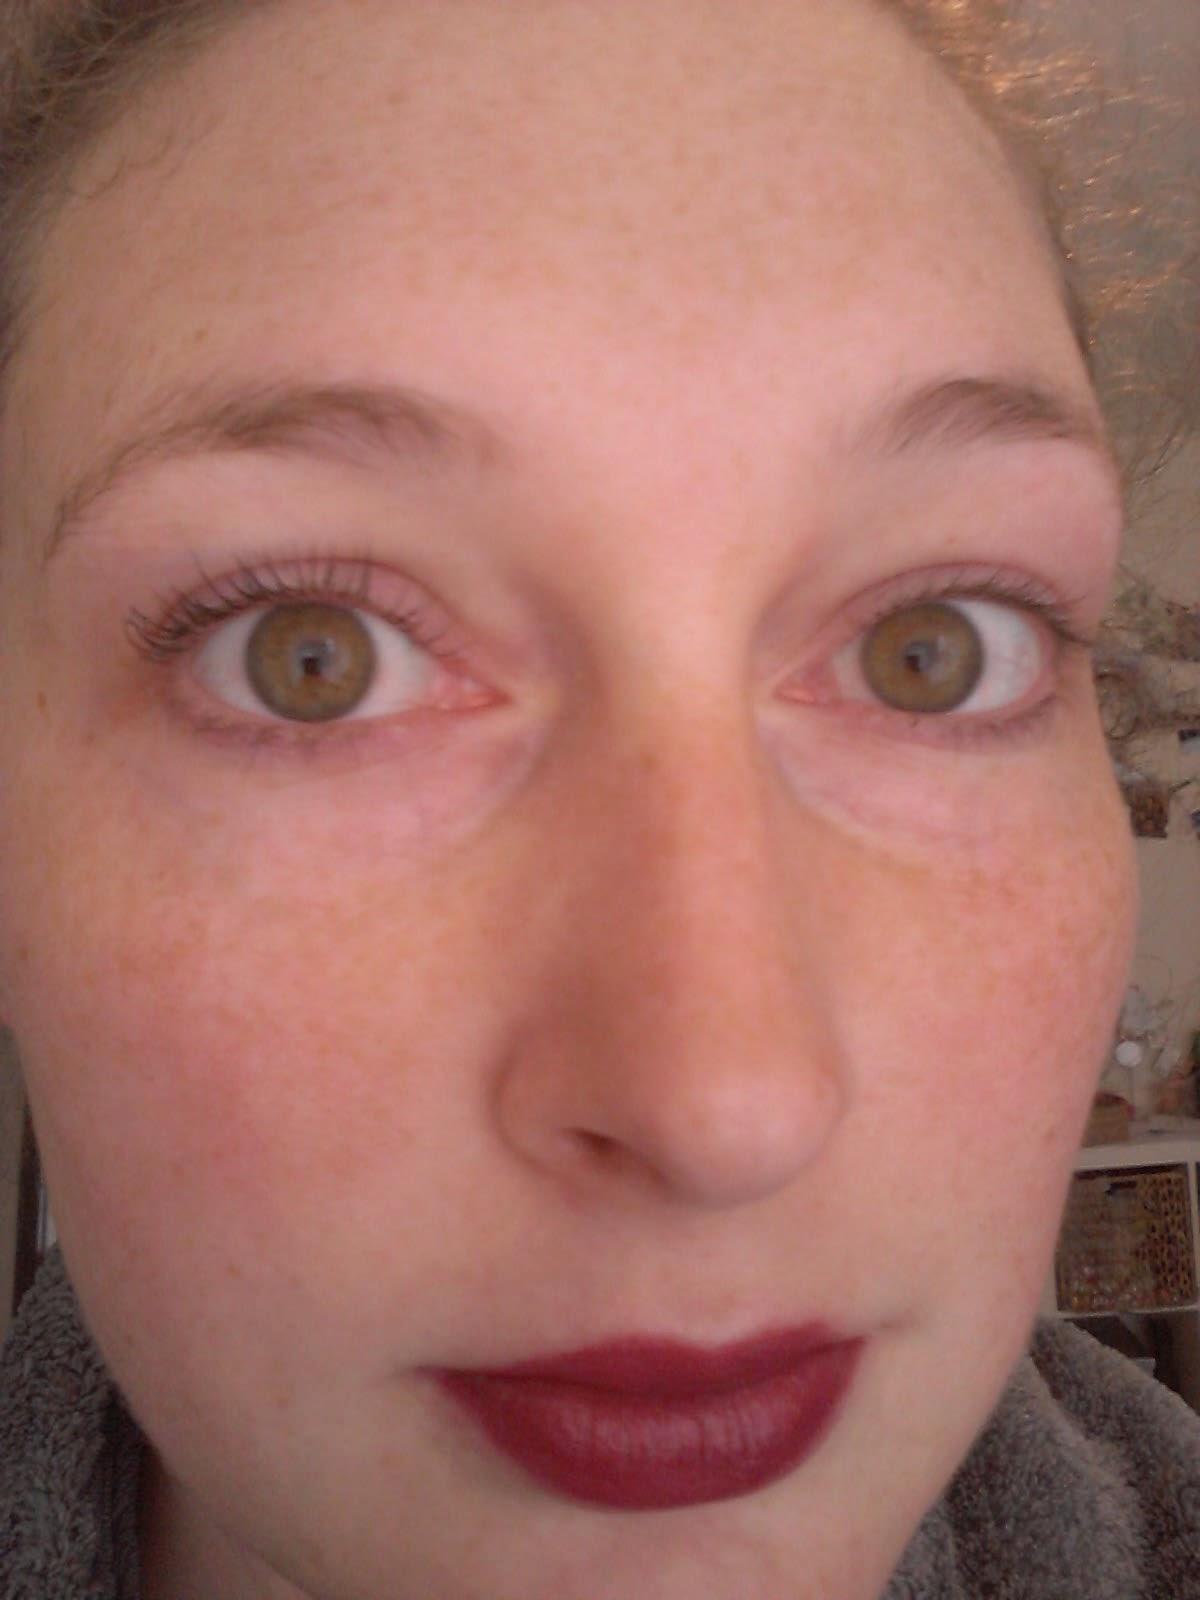 makeup-physiciansformula-mylittlequail-favoris-maquillage-mascara